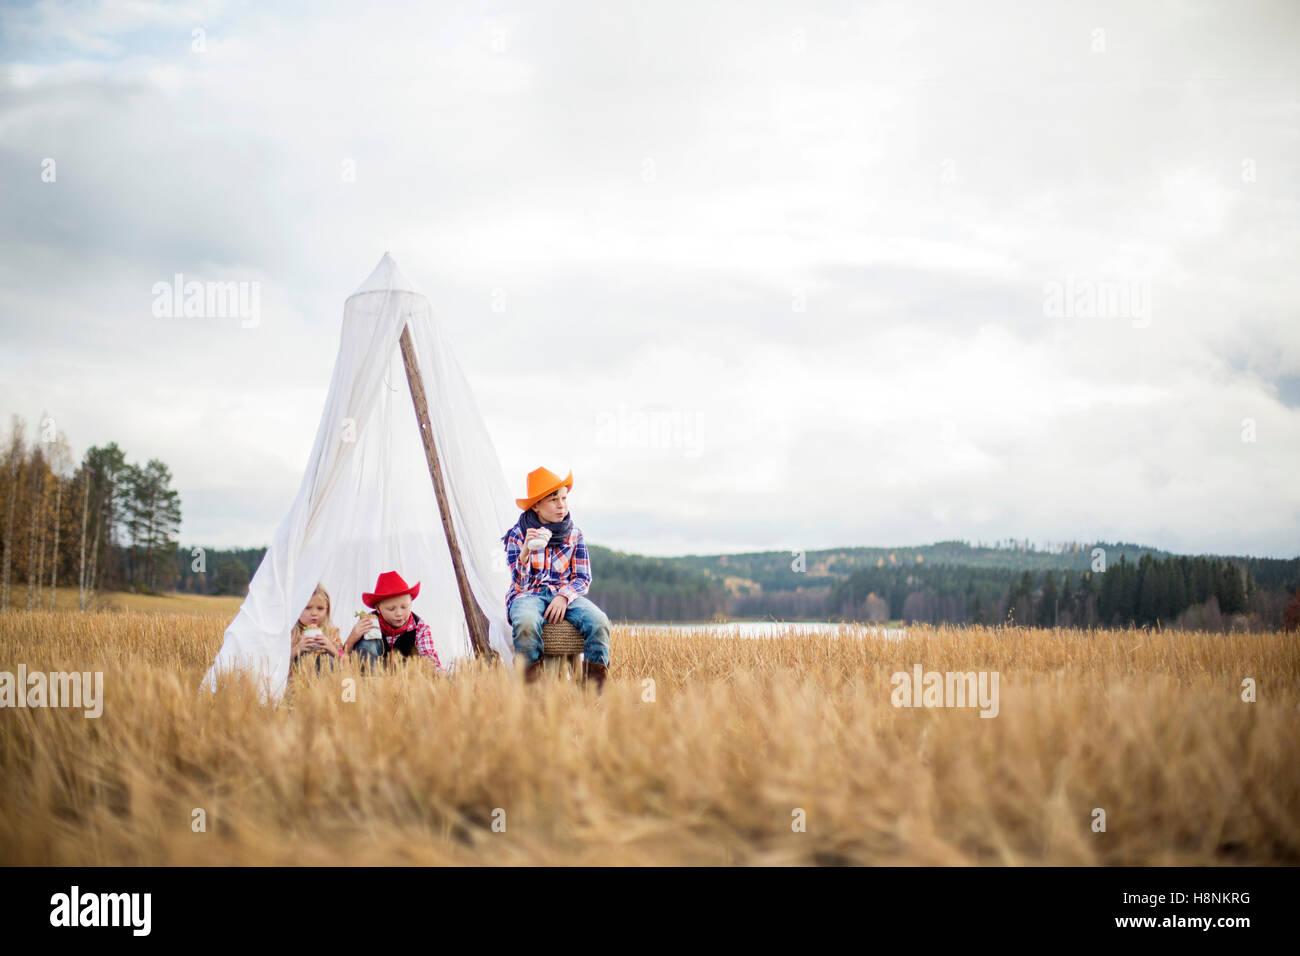 Niños (8-9) llevando sombreros de vaqueros sentados en tienda Imagen De Stock